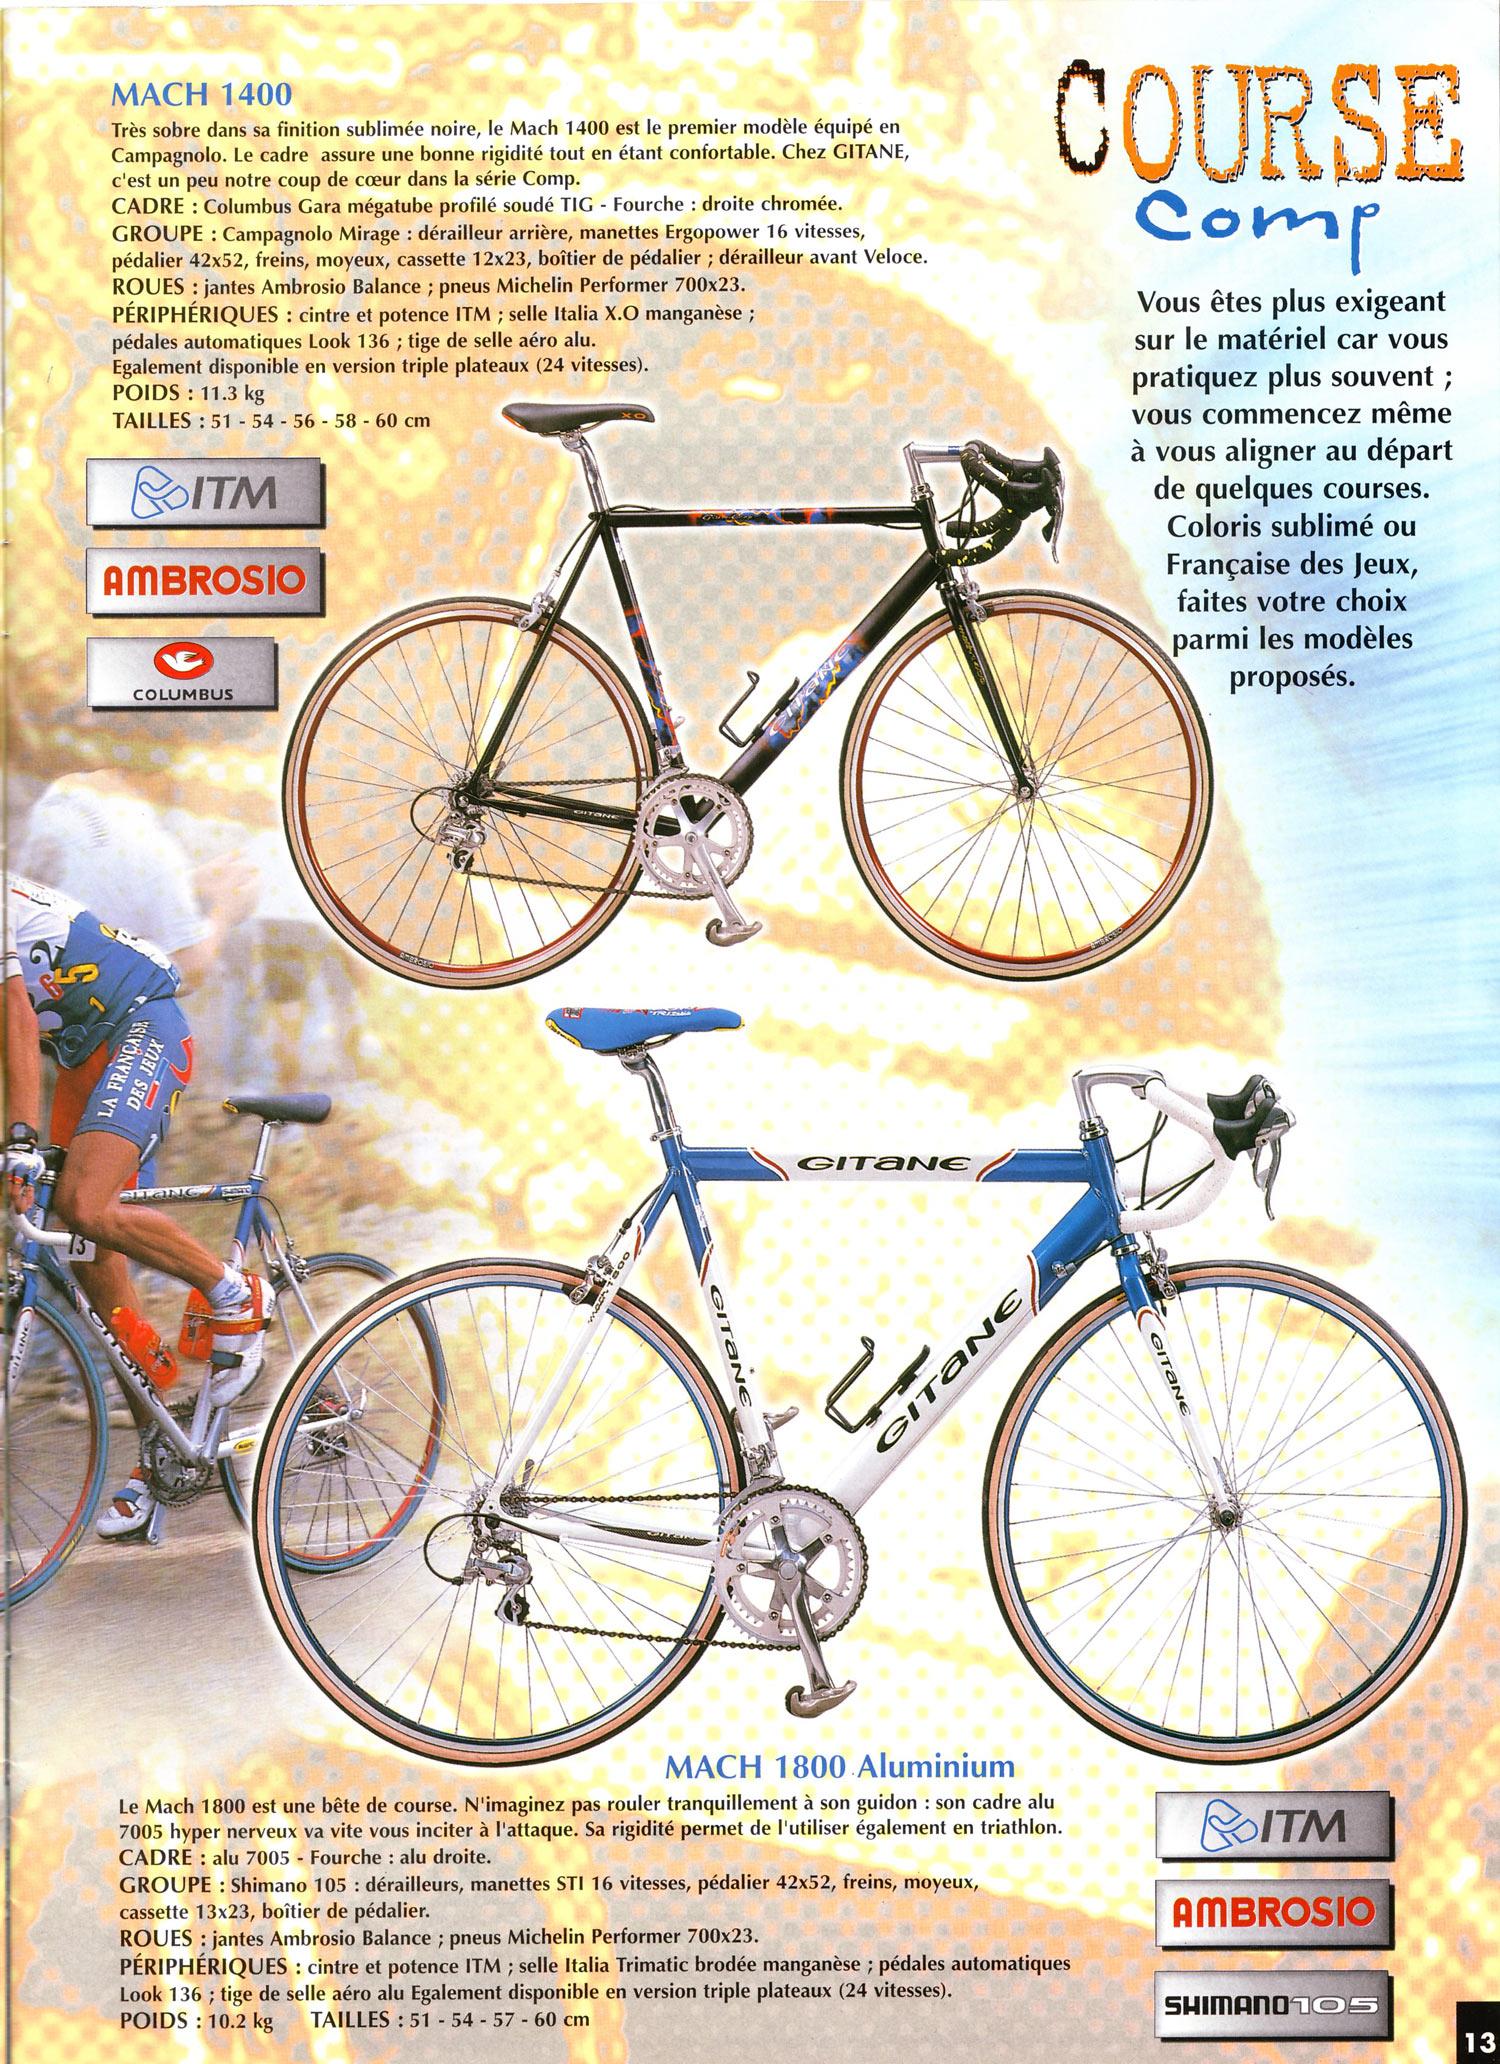 GITANE FDJ 1998 ?? pieces rare ou non ? F1998_pg9